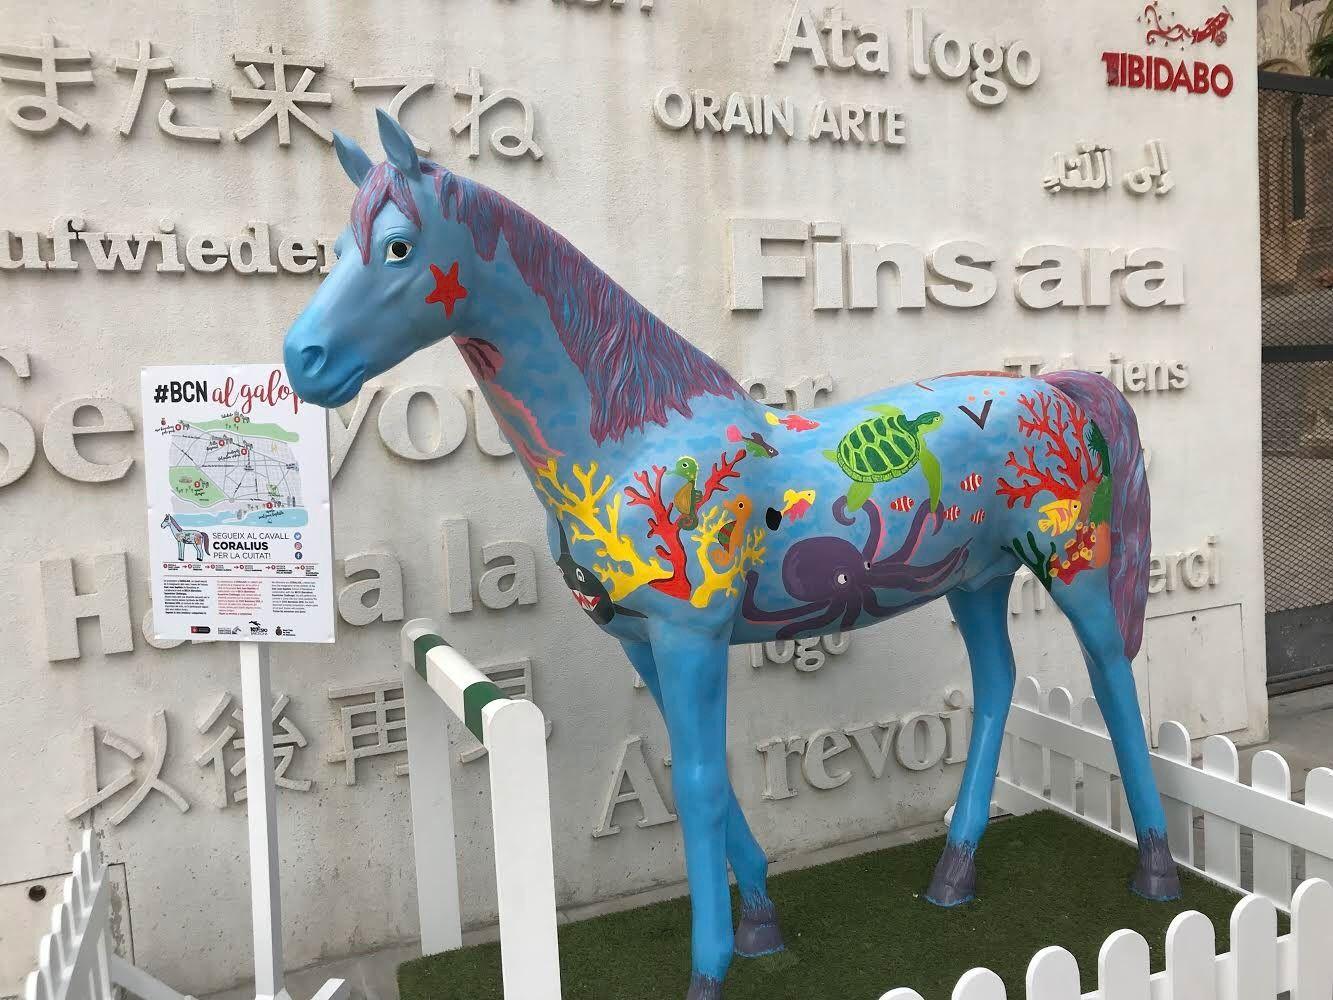 El caballo Coralius de #BCNalgalop inicia su tour por la ciudad